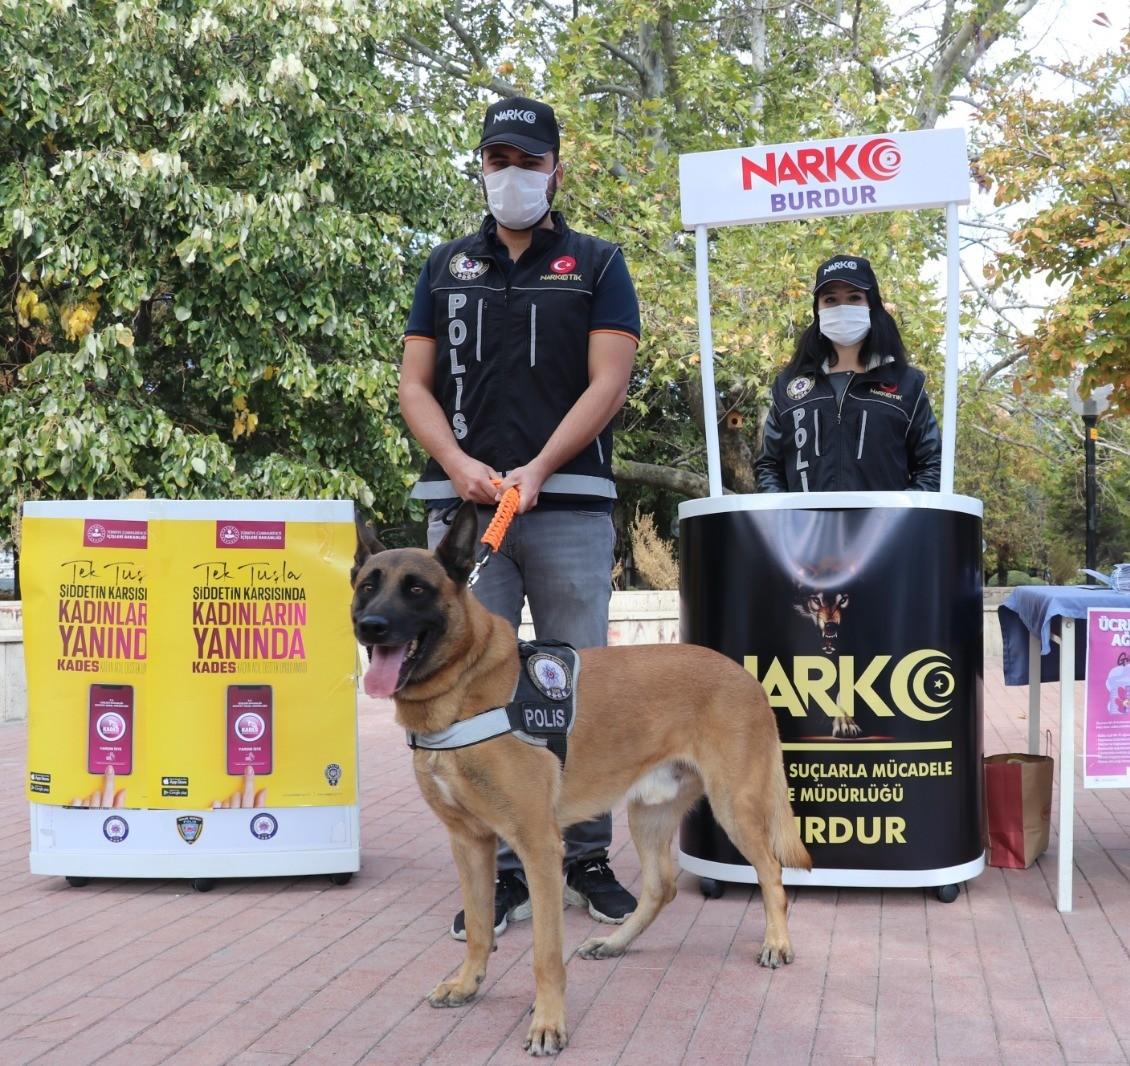 Burdur'da polis açtığı standla vatandaşı bilgilendirdi #burdur